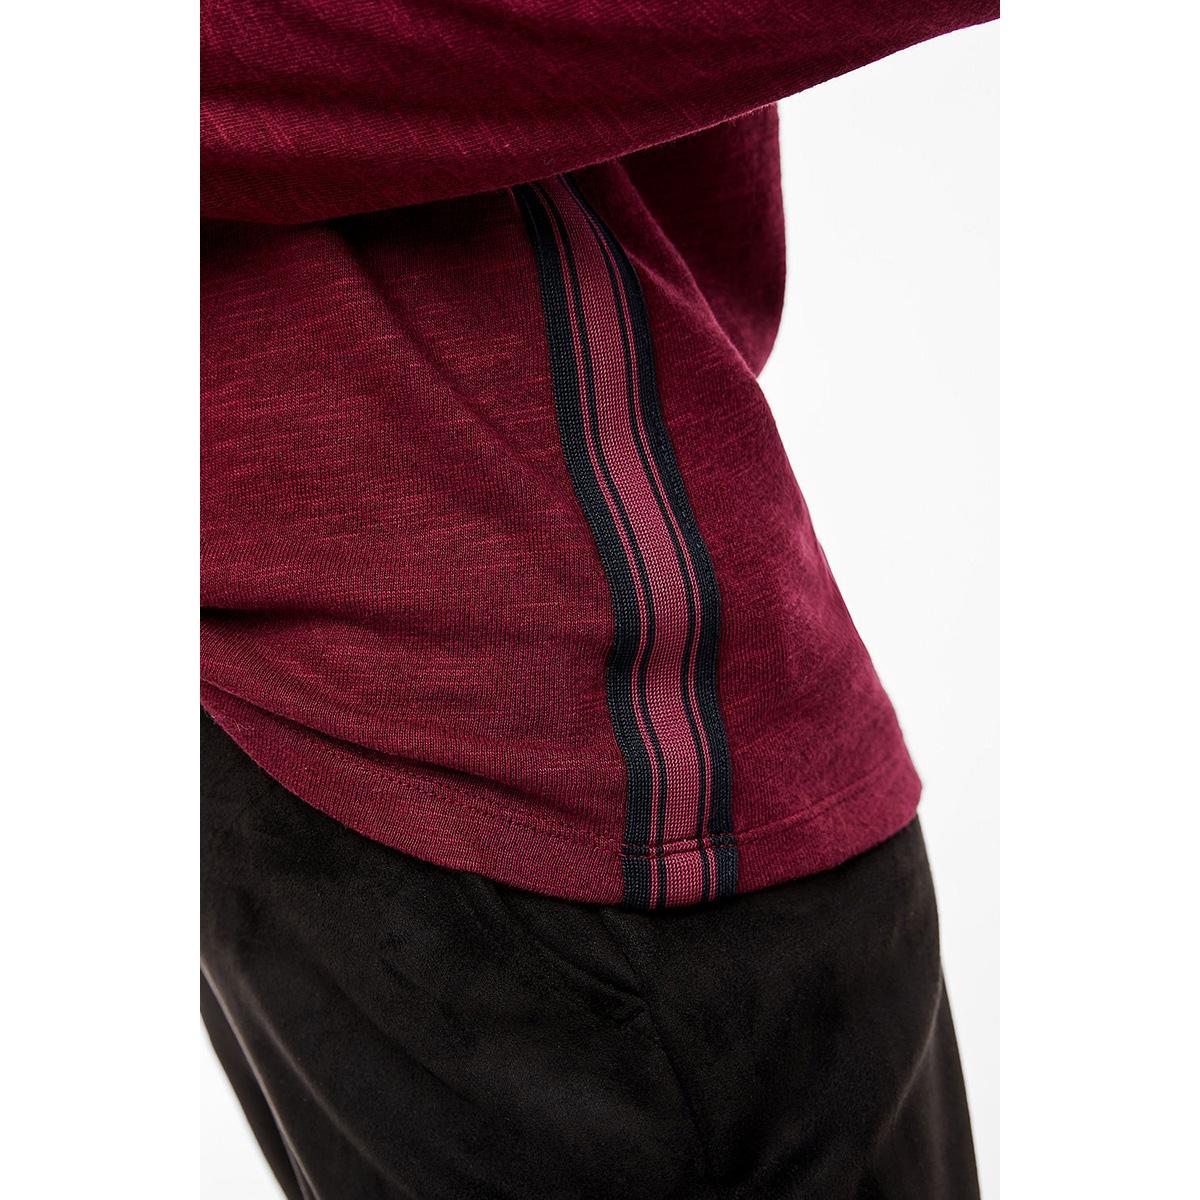 longsleeve met v hals 14910312700 s.oliver t-shirt 4906